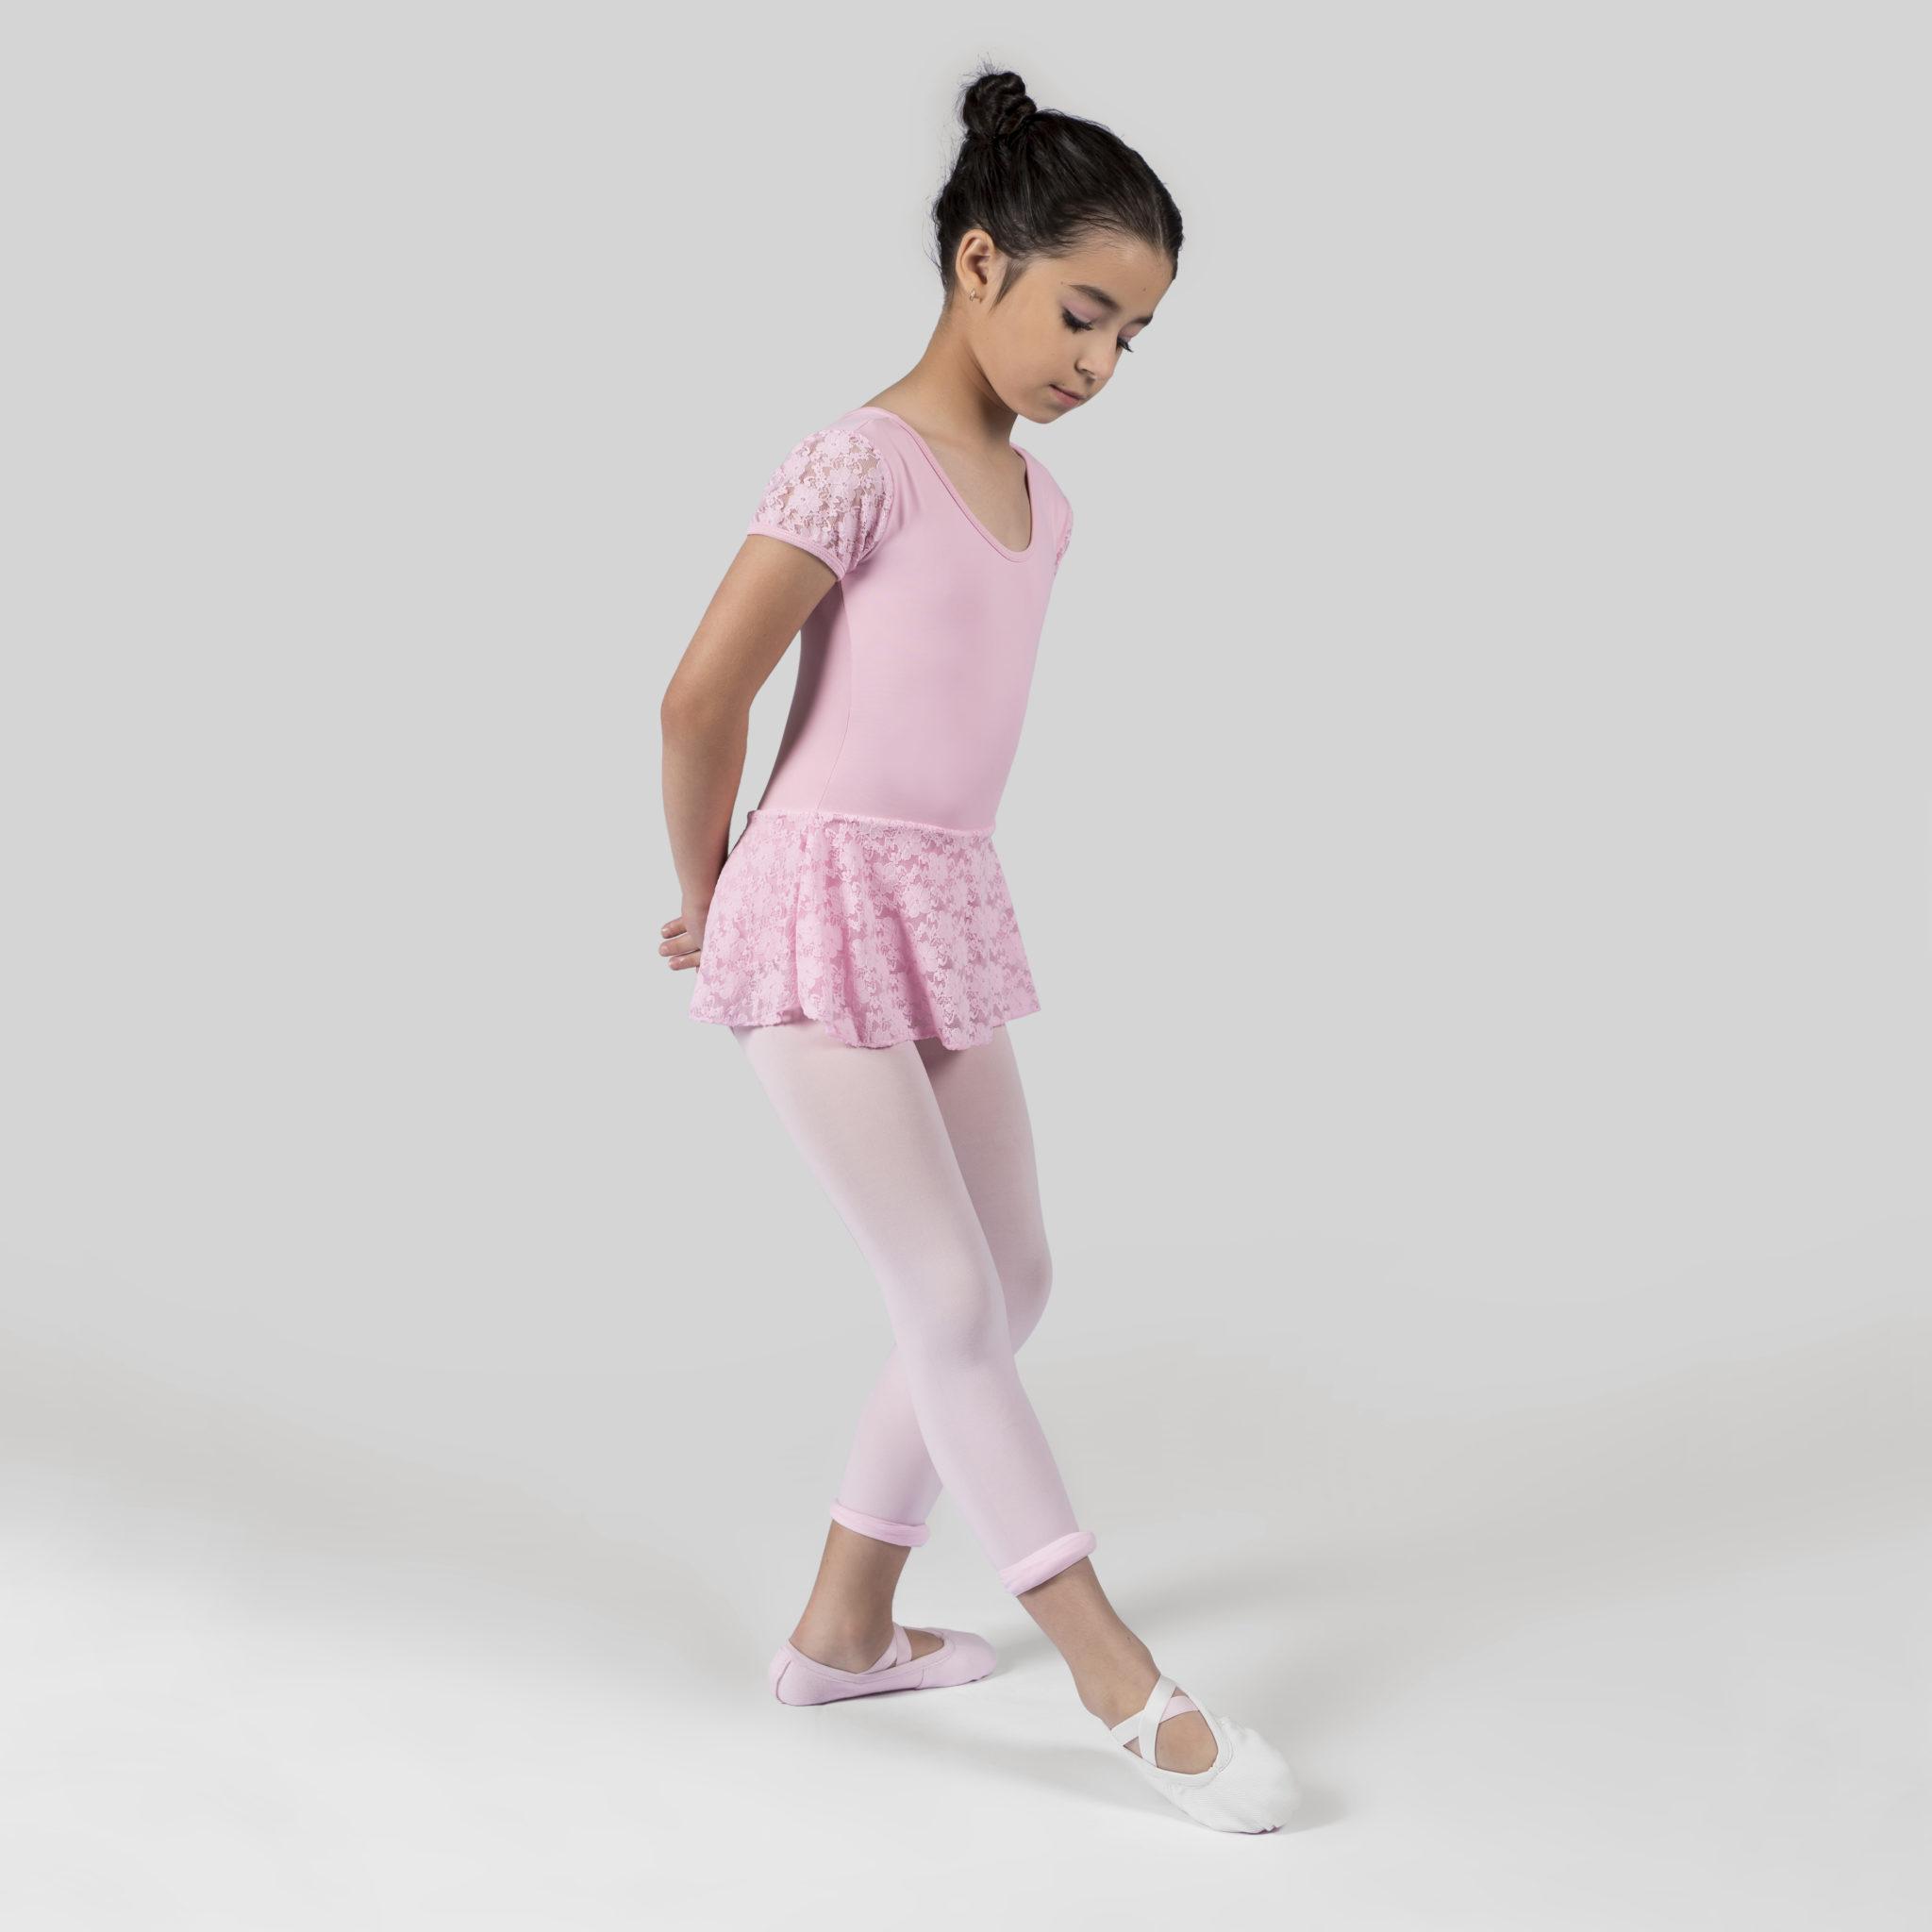 4aea034a98 Arquivos Collant - Página 3 de 4 - Evidence Ballet - Loja Virtual